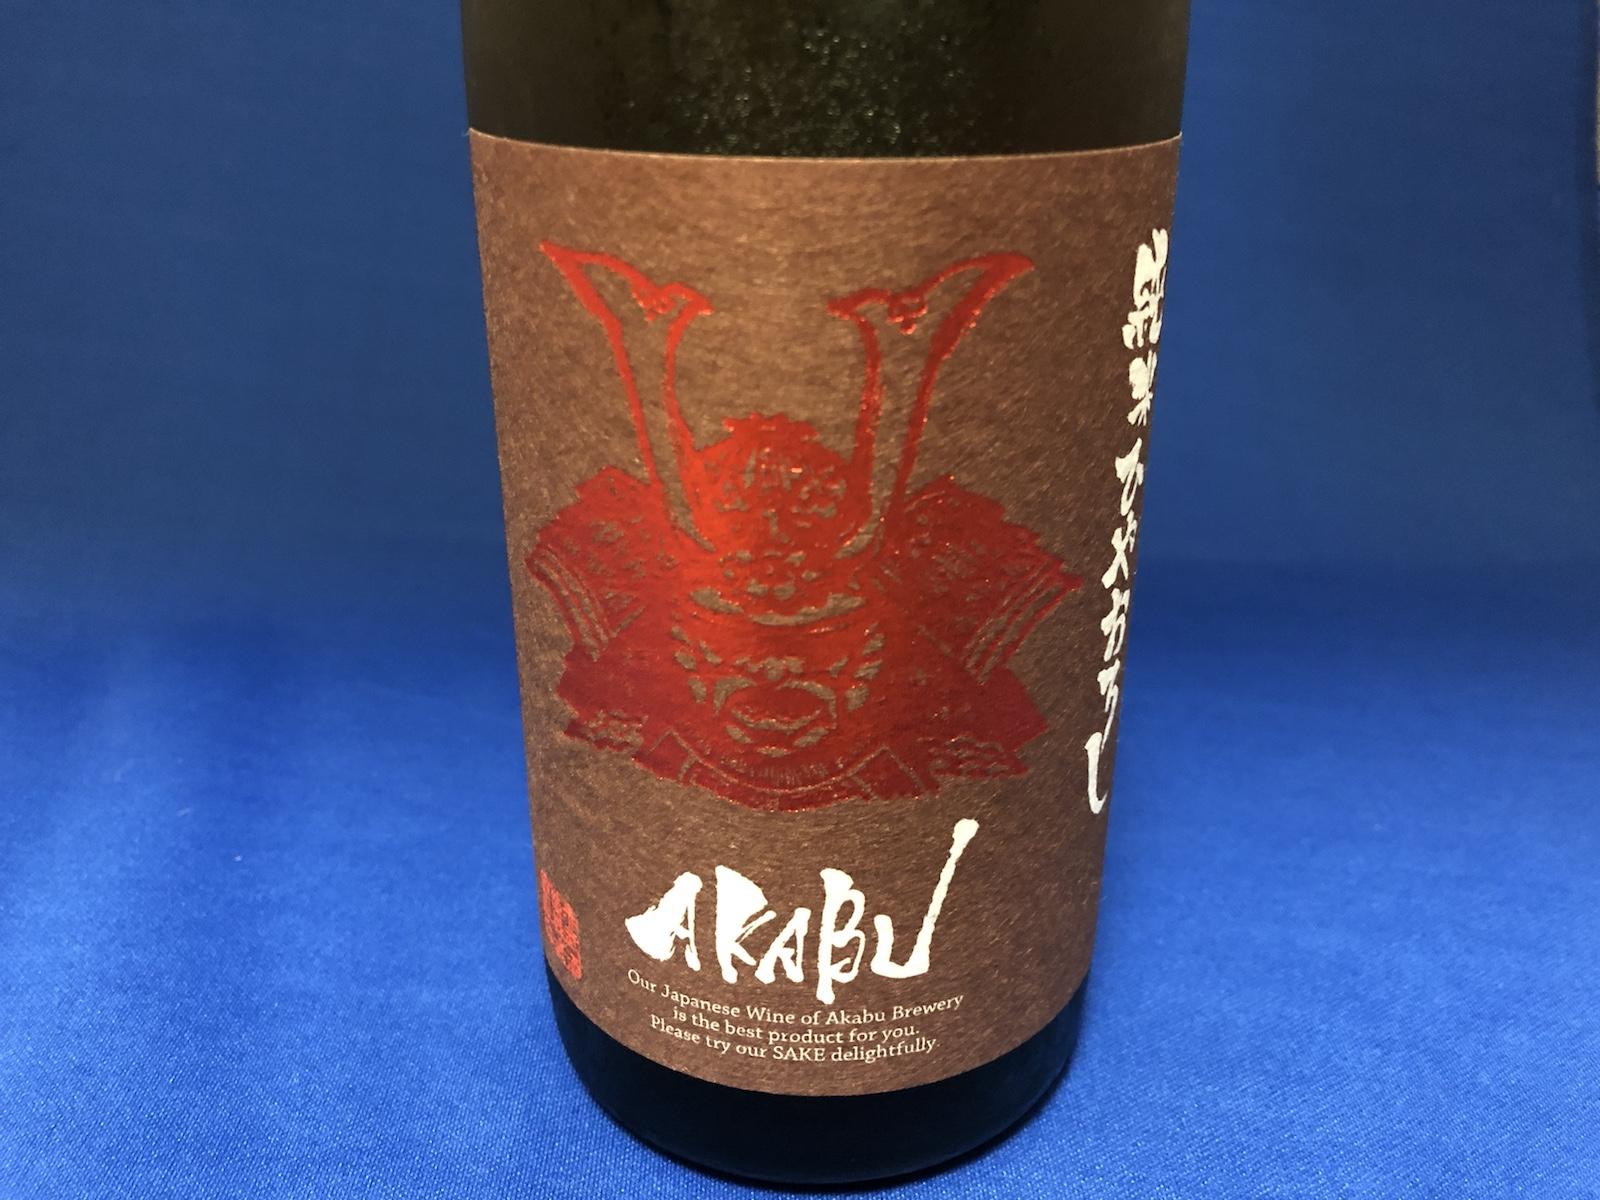 復活蔵が生んだ新しい時代につなぐ美酒!「AKABU」純米ひやおろし